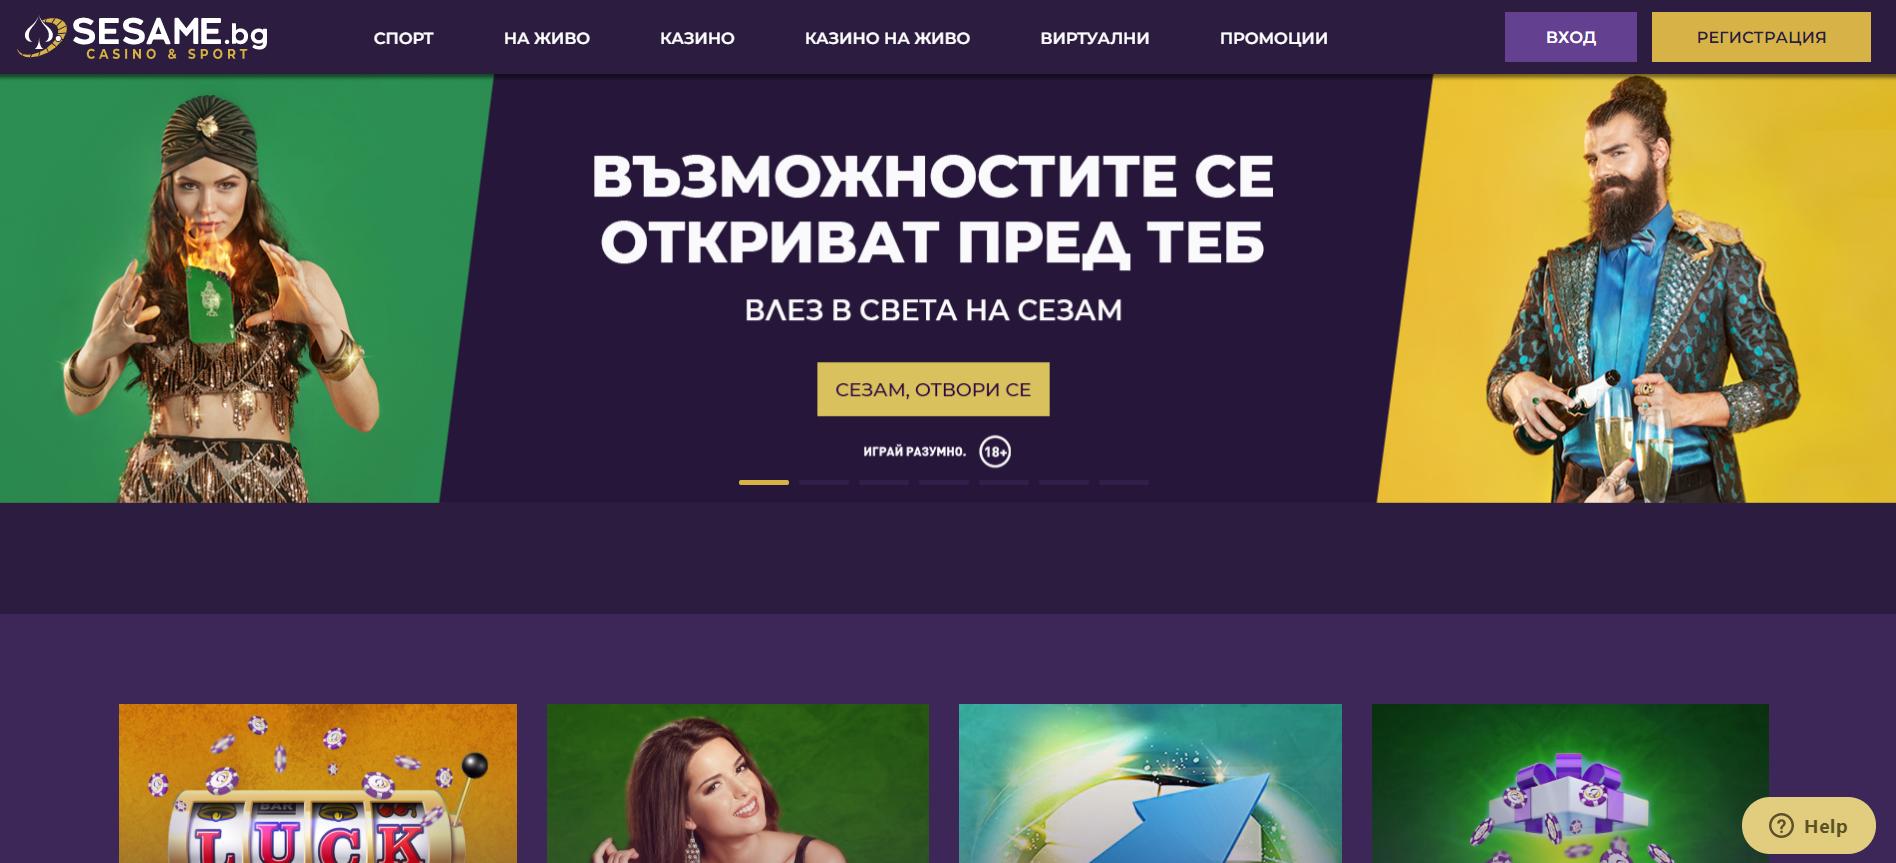 sesam-nachalna-stranitsa-komarbet.com